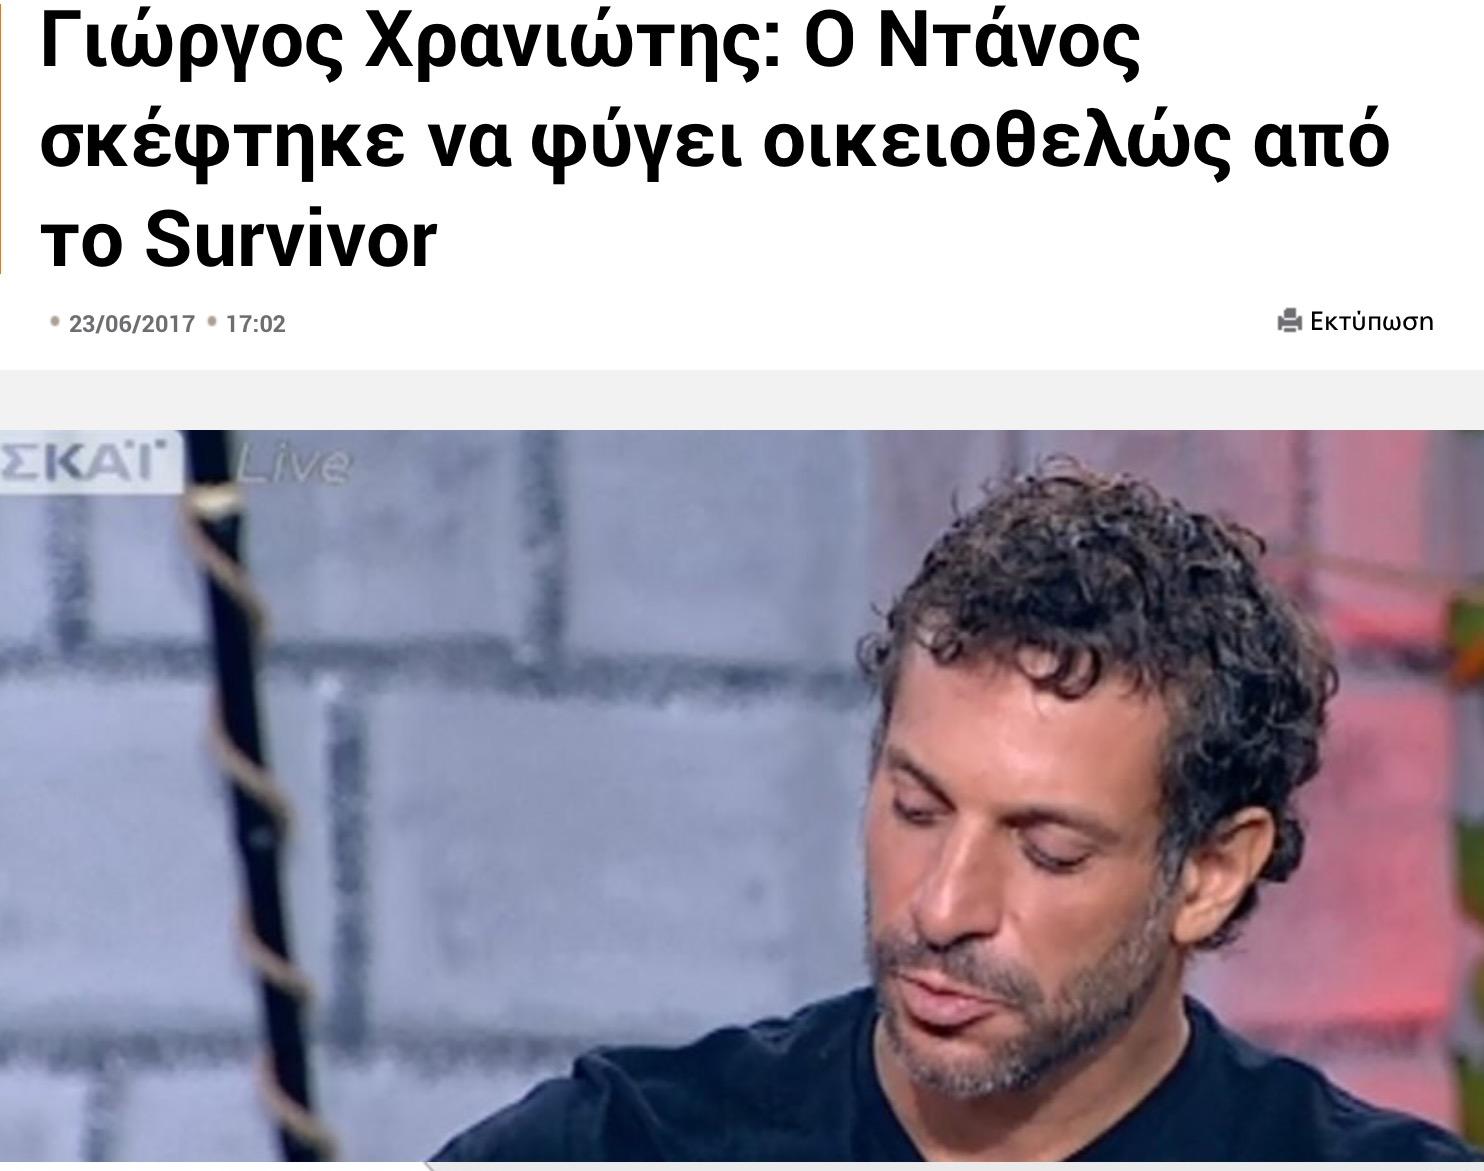 Ο Χρανιώτης επιβεβαιώνει το olympia για τον Αγγελόπουλο #SurvivorGr